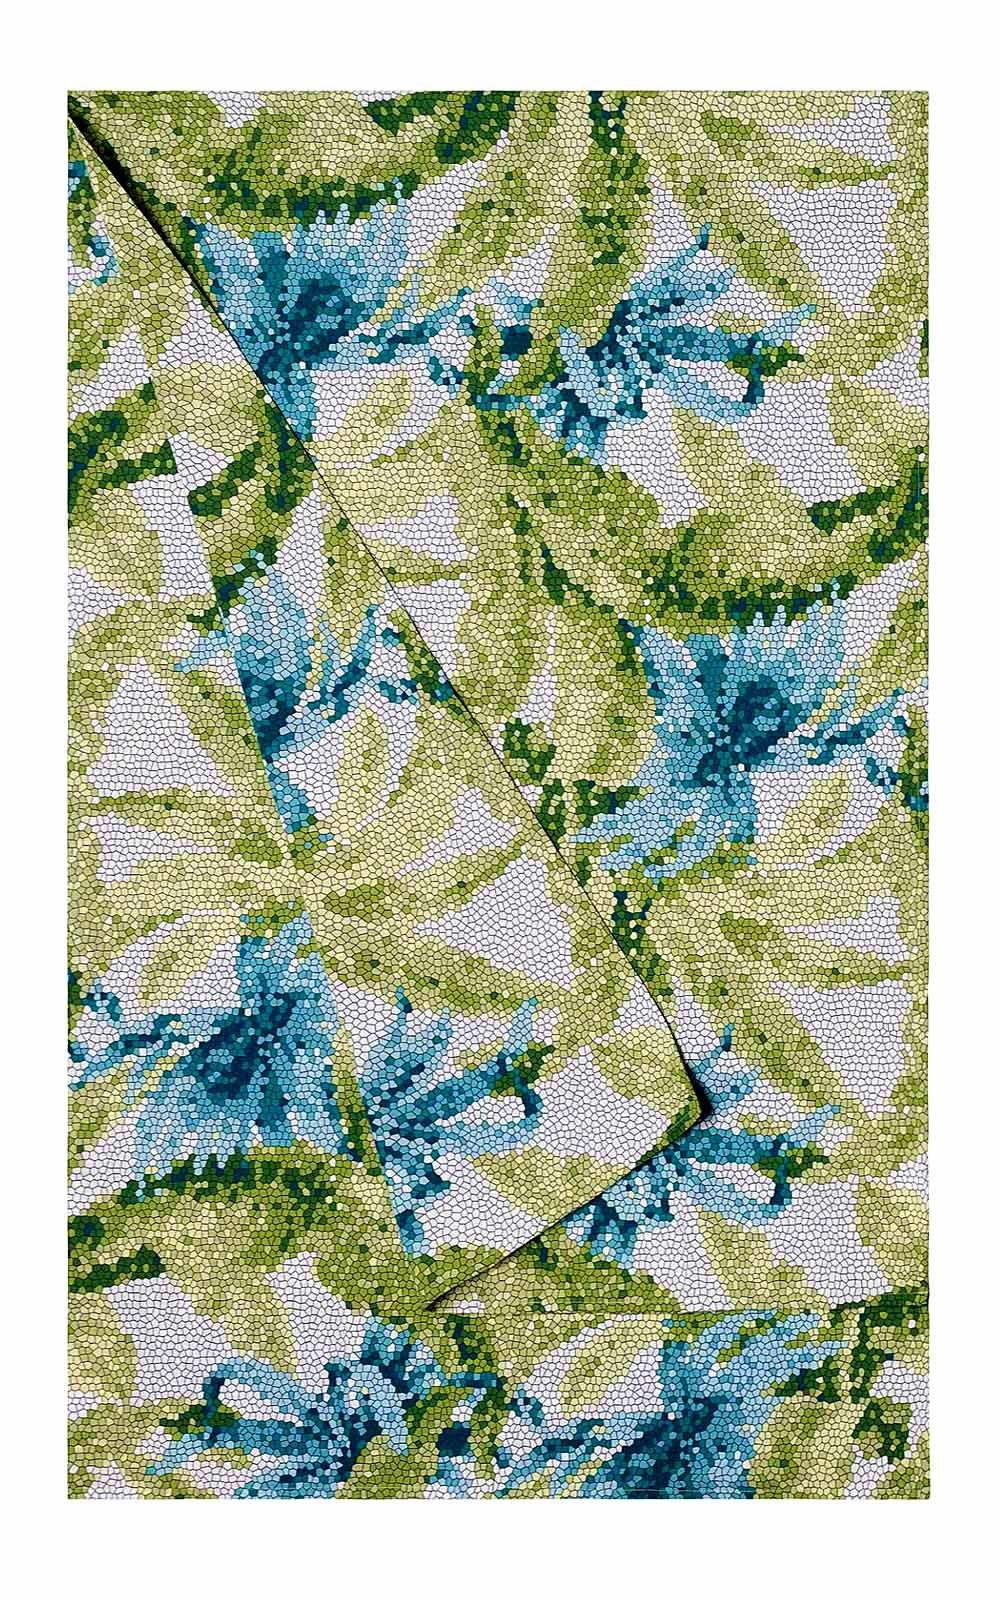 Telo arredo foulard copridivano copriletto 1 piazza for Telo arredo divano bassetti